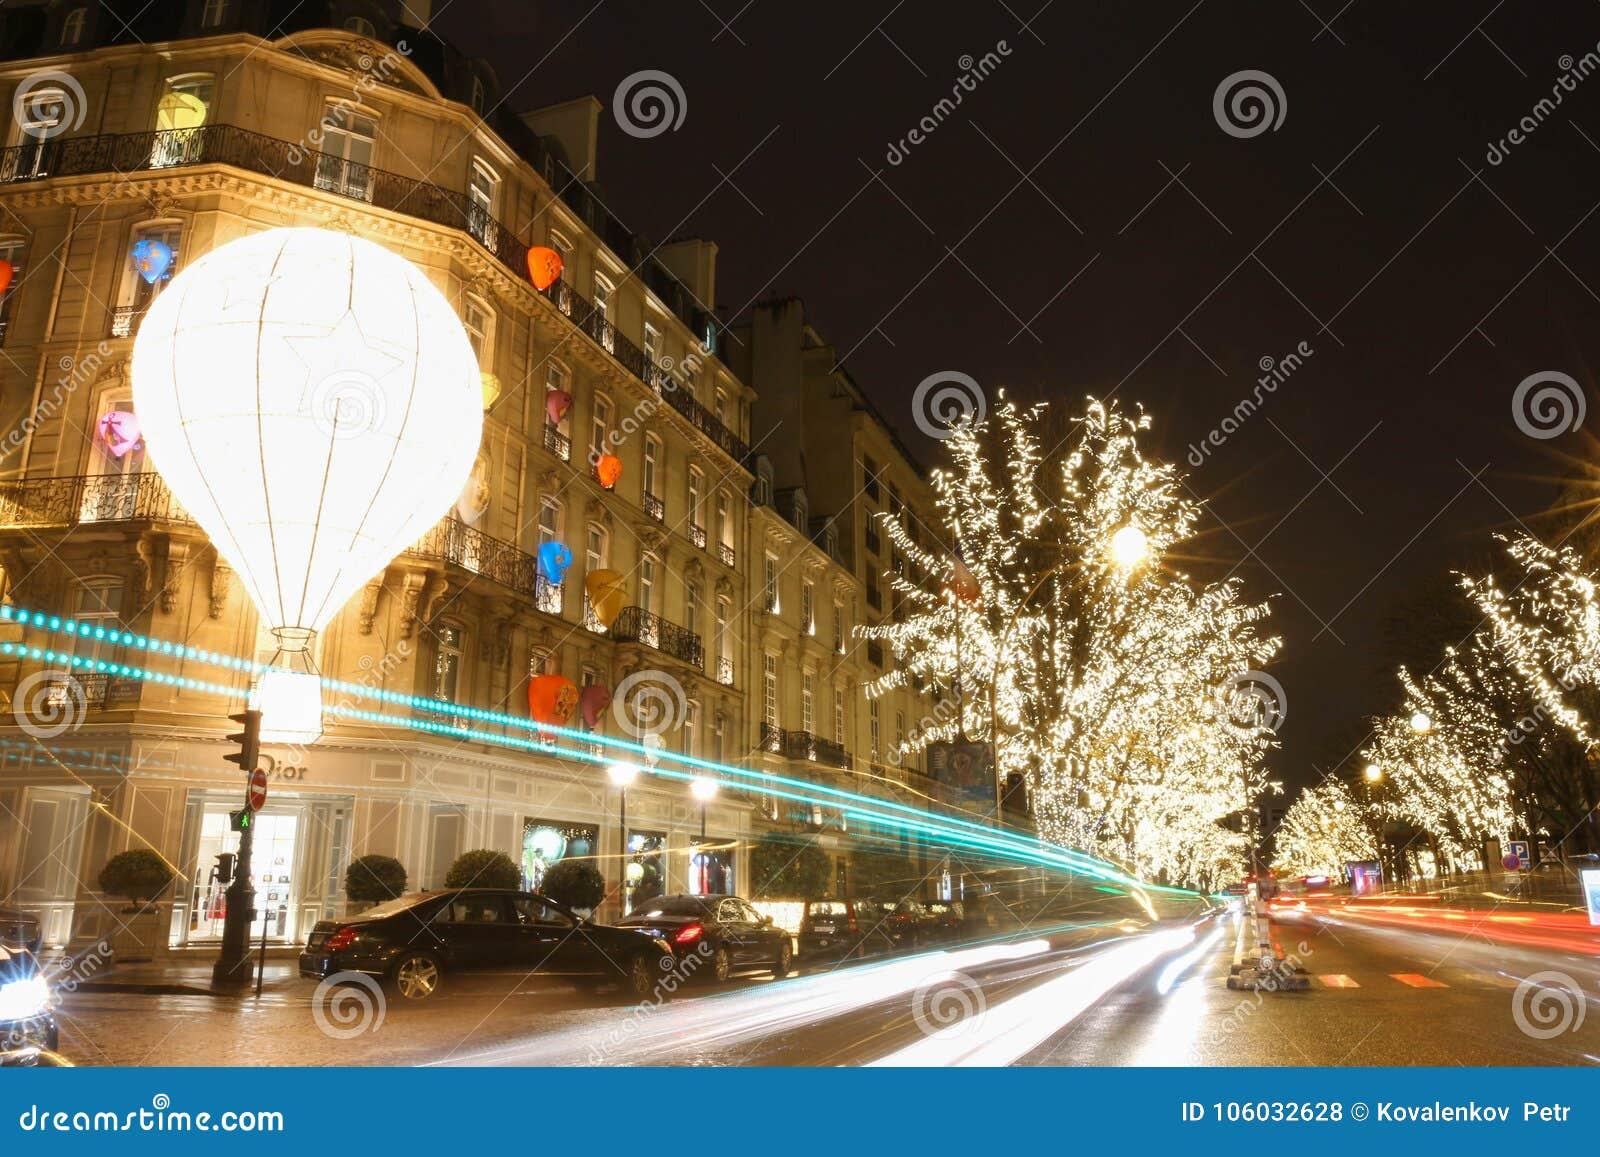 d6f750ef0aad Бутик Dior украшенное для рождества, Парижа, Франции Редакционное ...